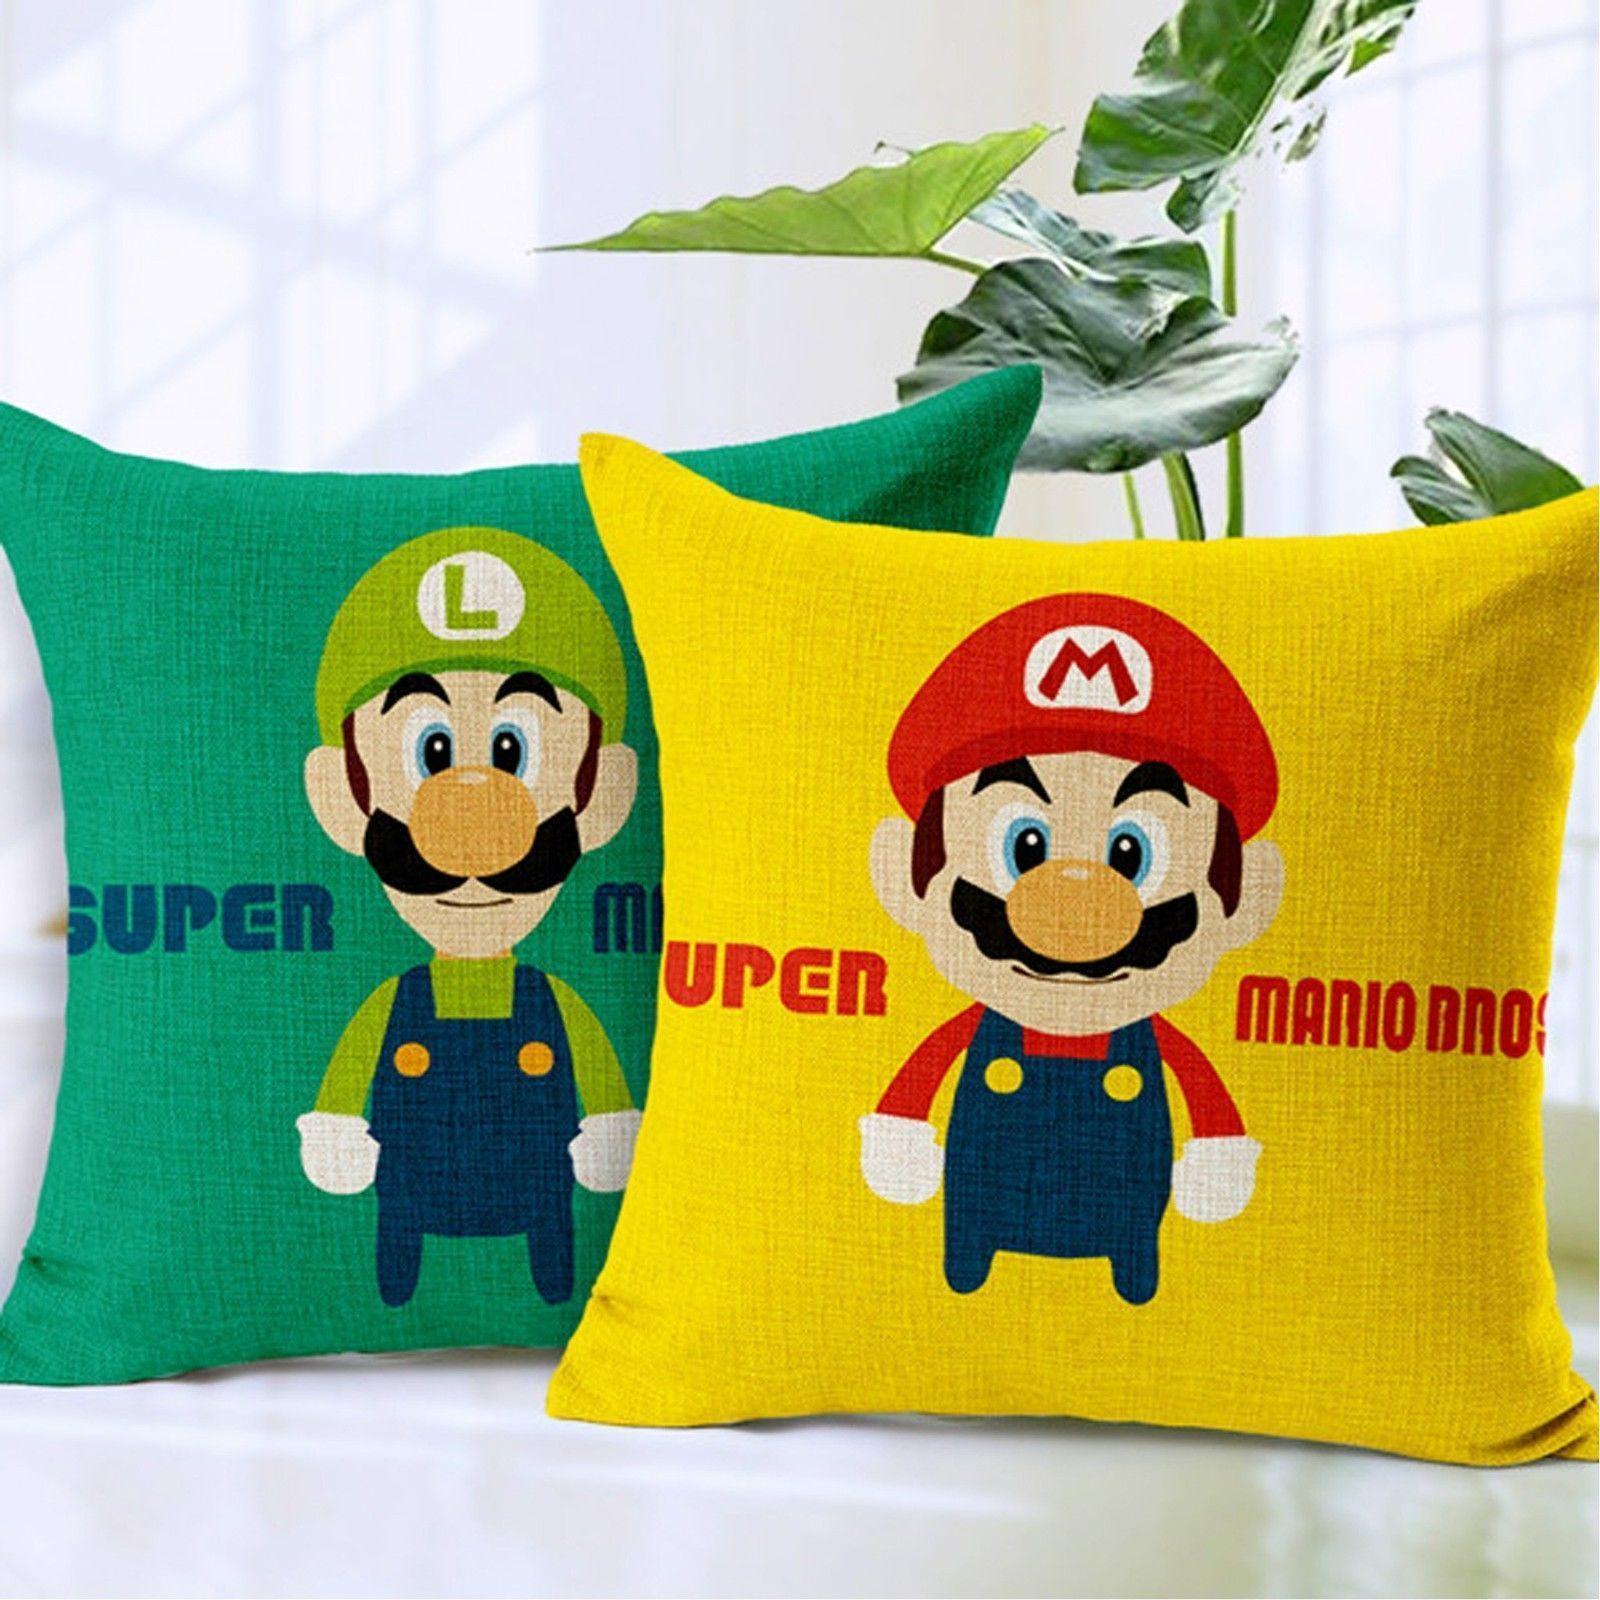 Super mario bros printed cushion cover sofa linen cotton throw